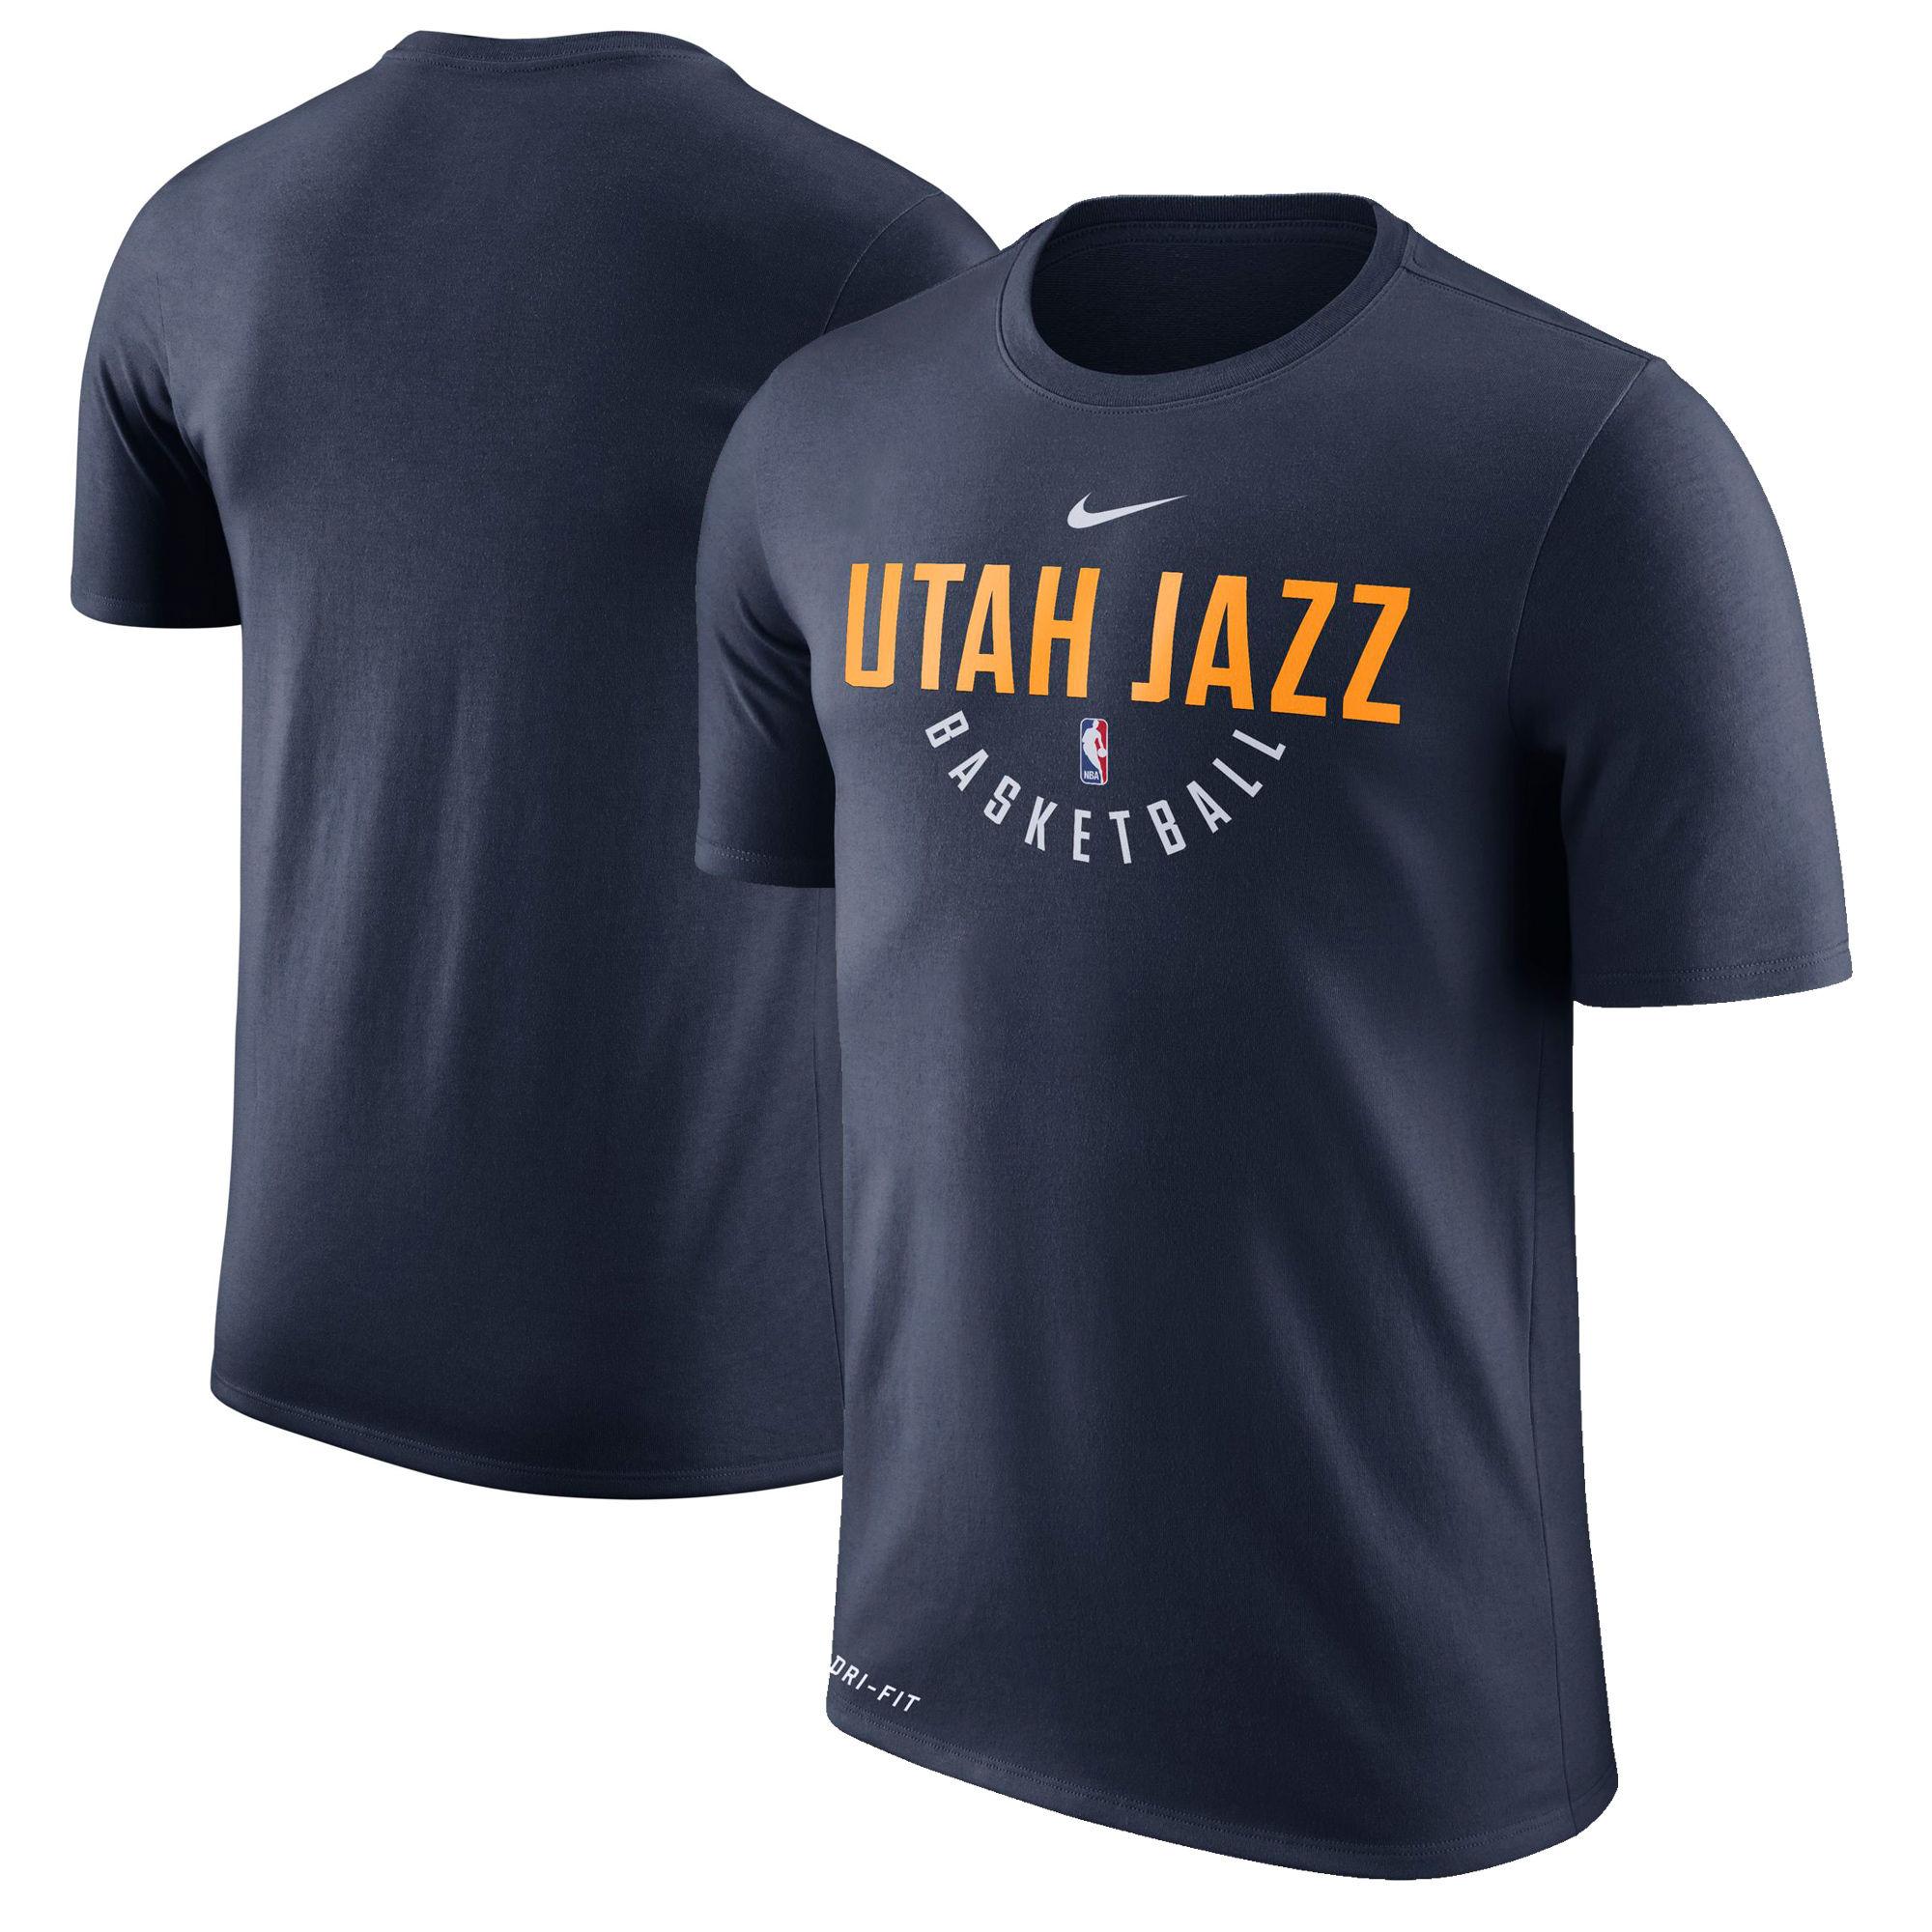 Utah Jazz Nike Practice Performance T-Shirt Navy